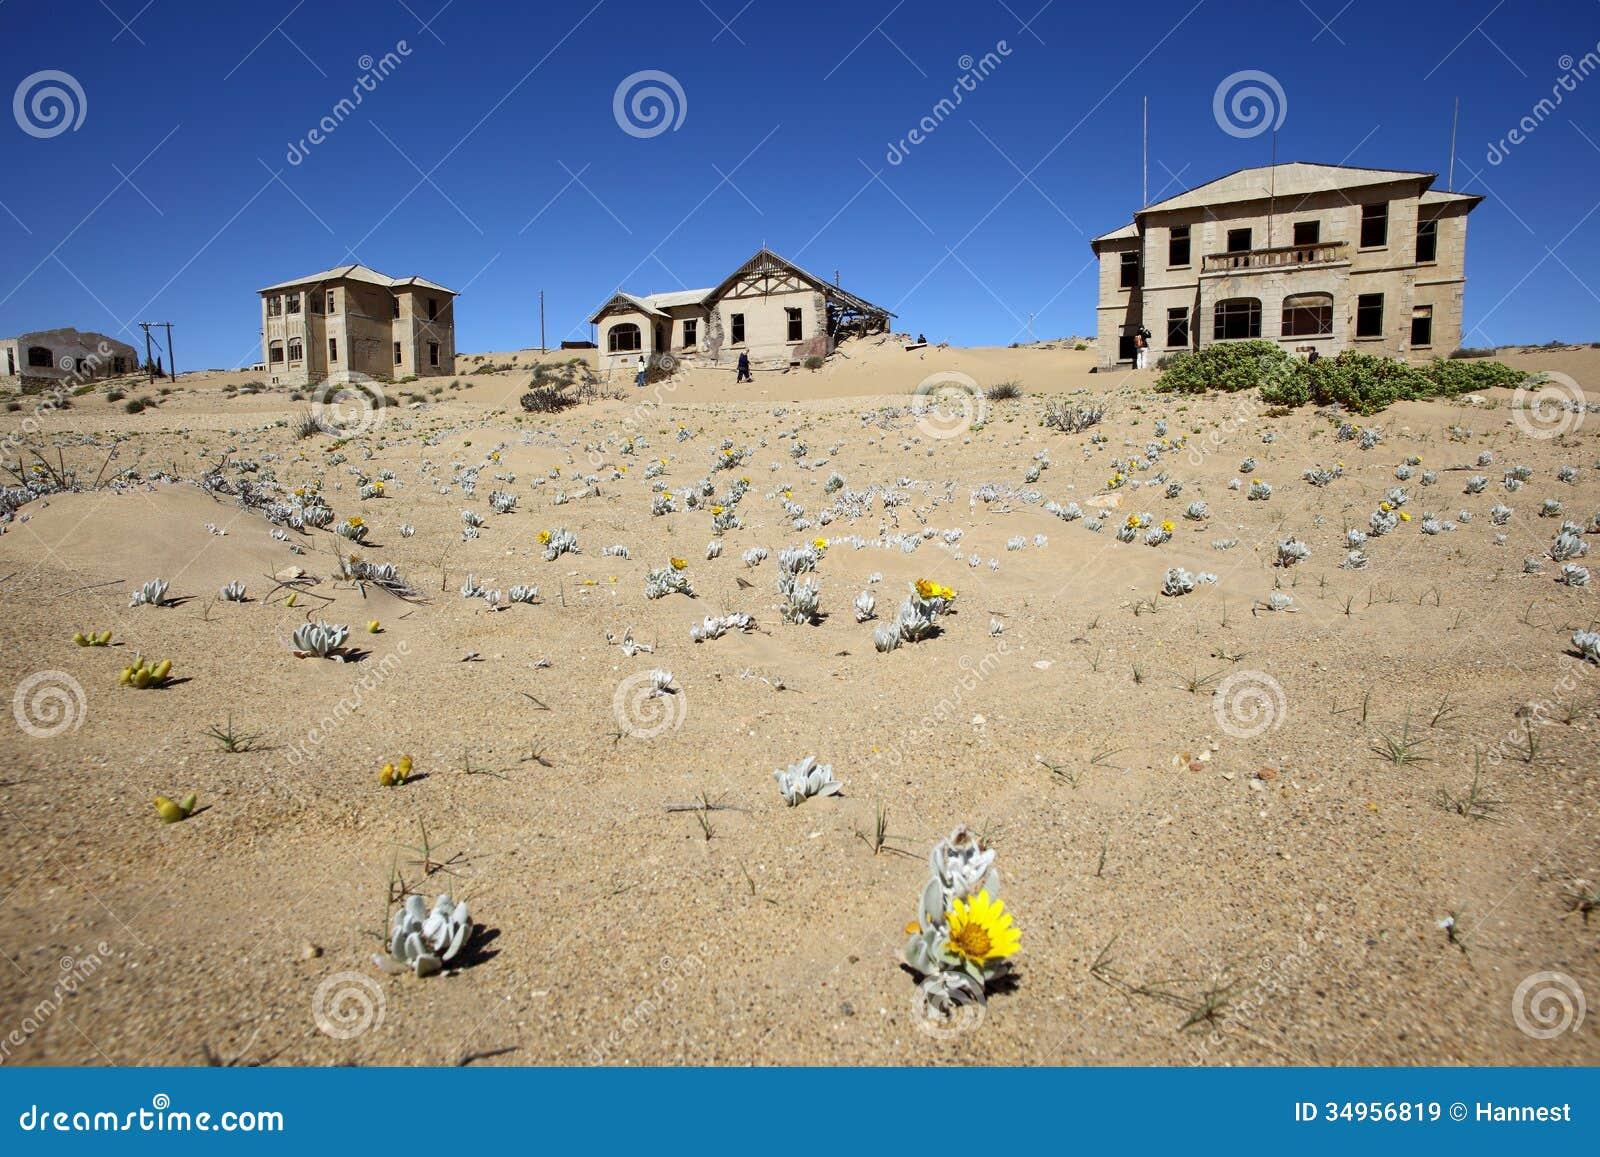 Kolmanskop Ghost Town stock image. Image of namib ...